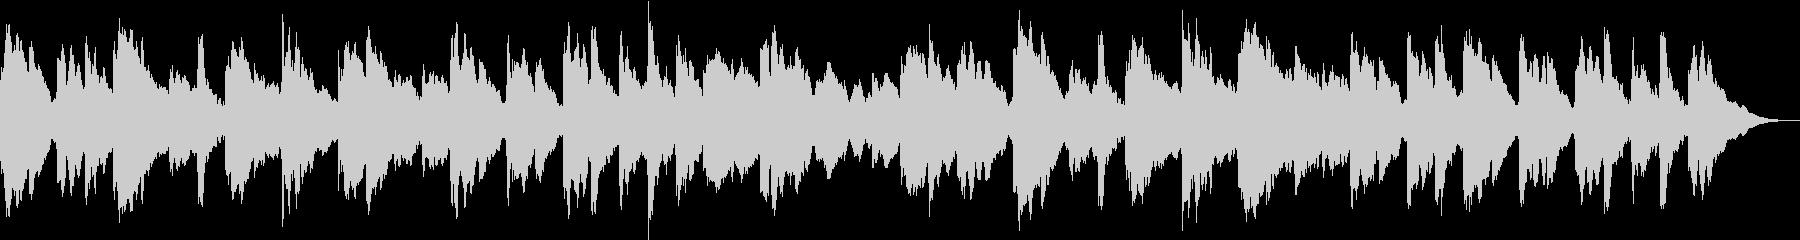 オルゴール(ループ)の未再生の波形